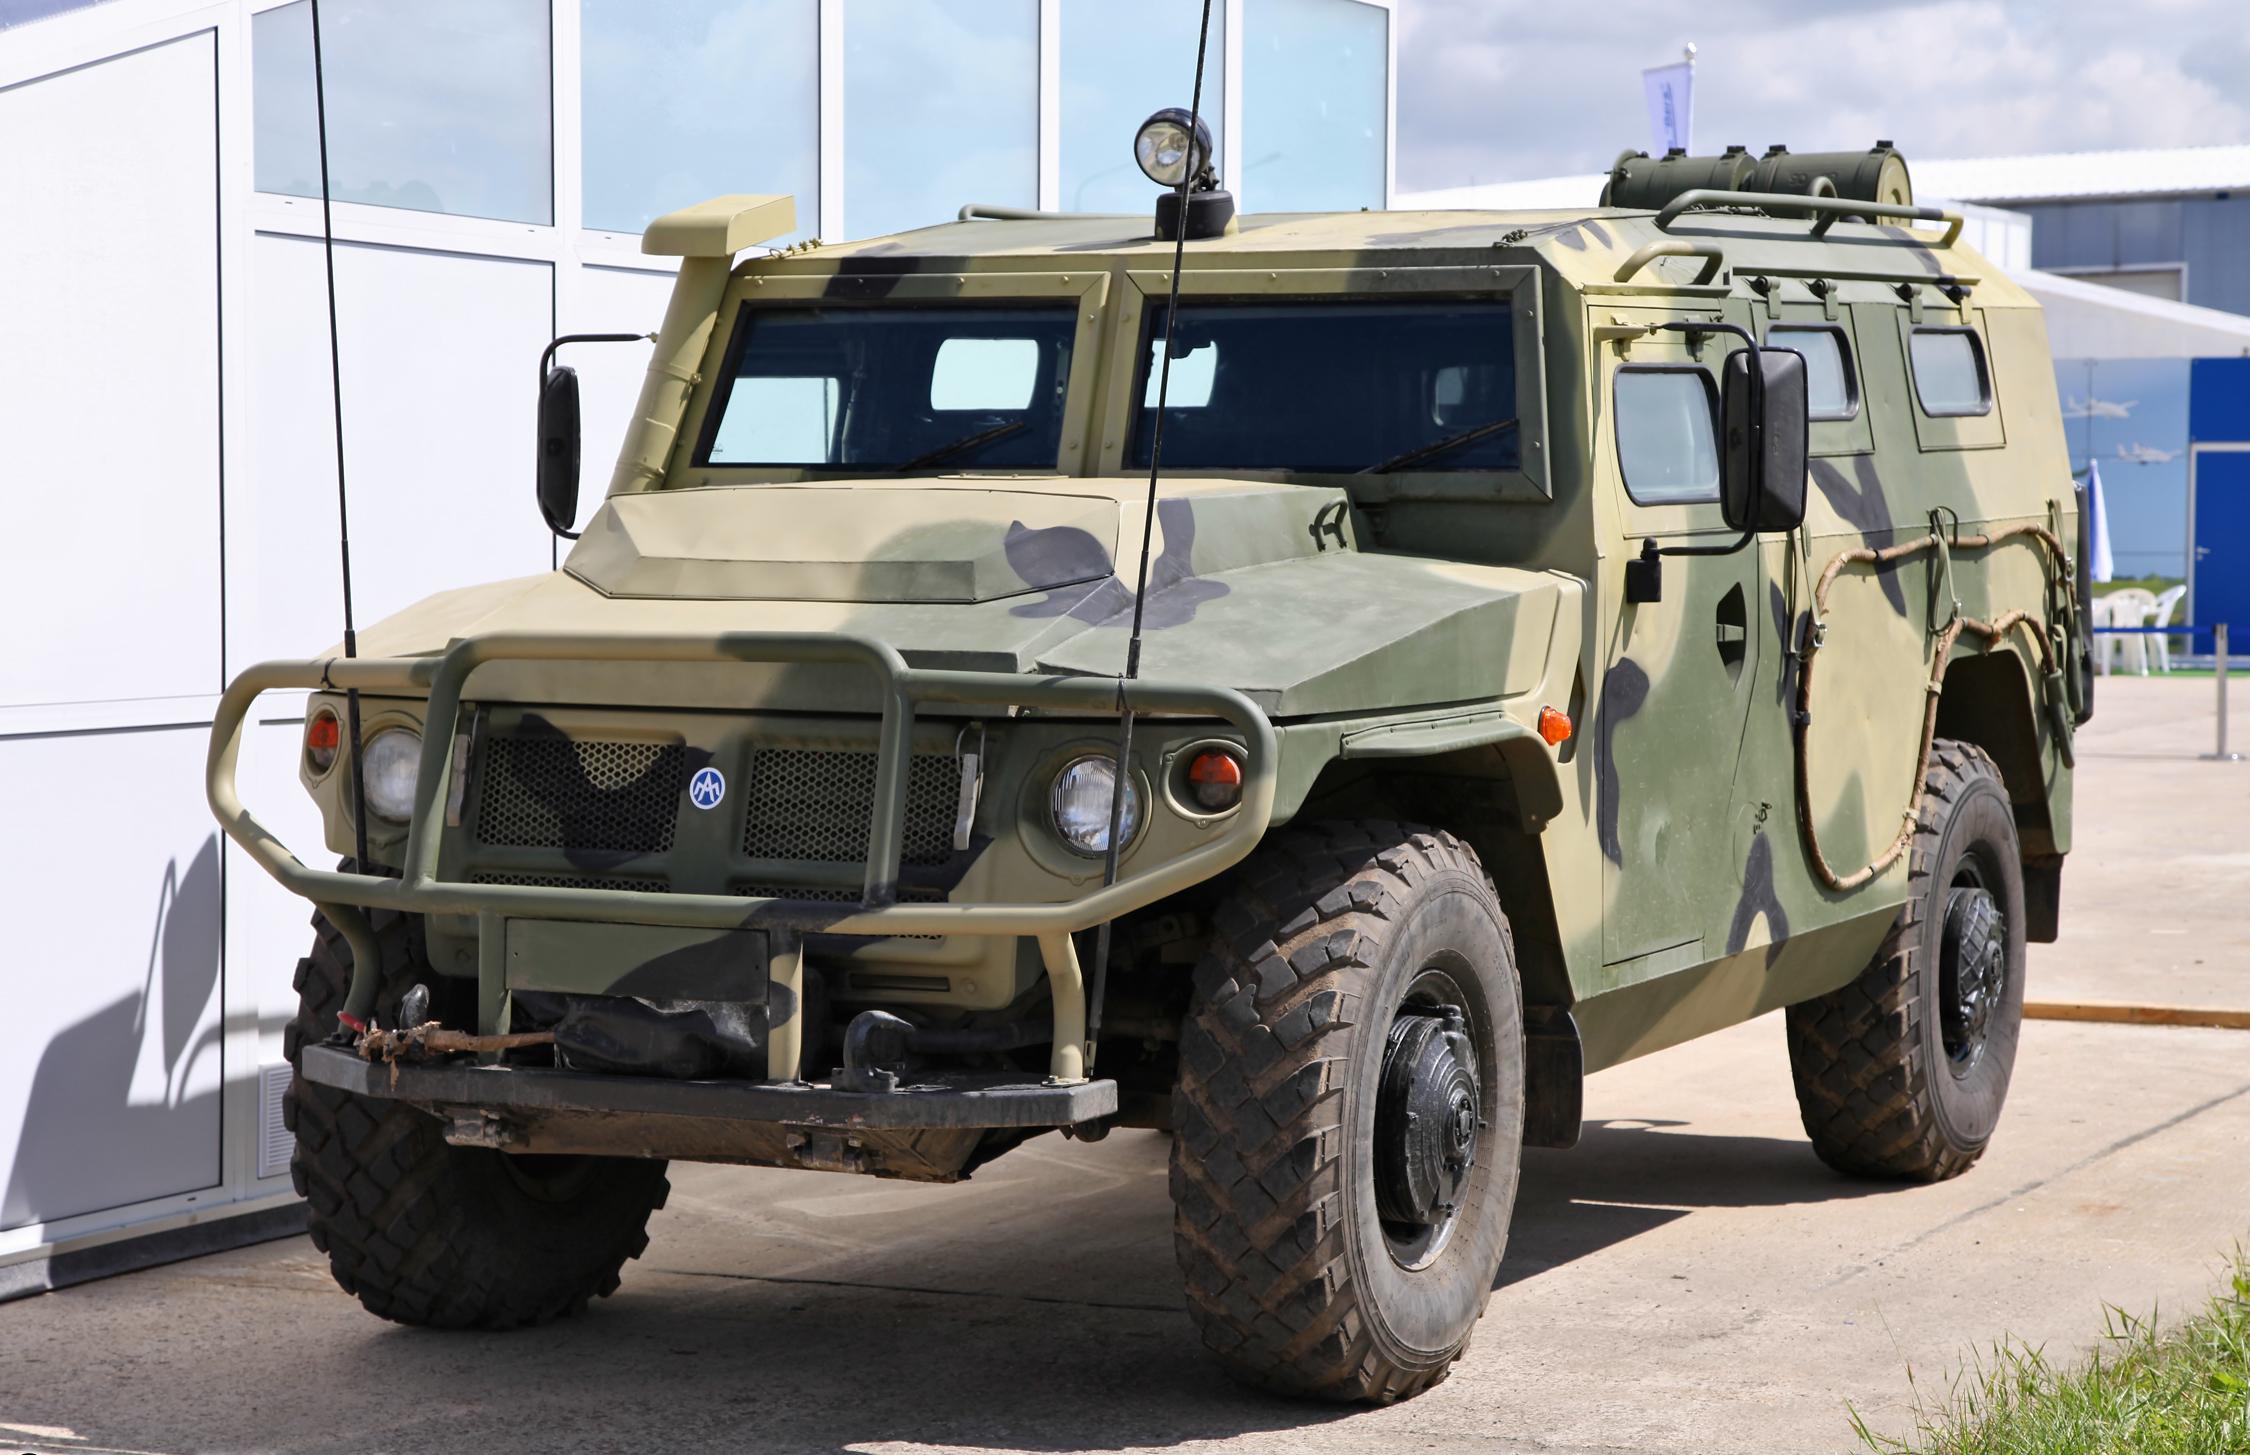 Картинки по запросу бронеавтомобилей специального назначения Тигр-М СпН» с 5 классом защиты.